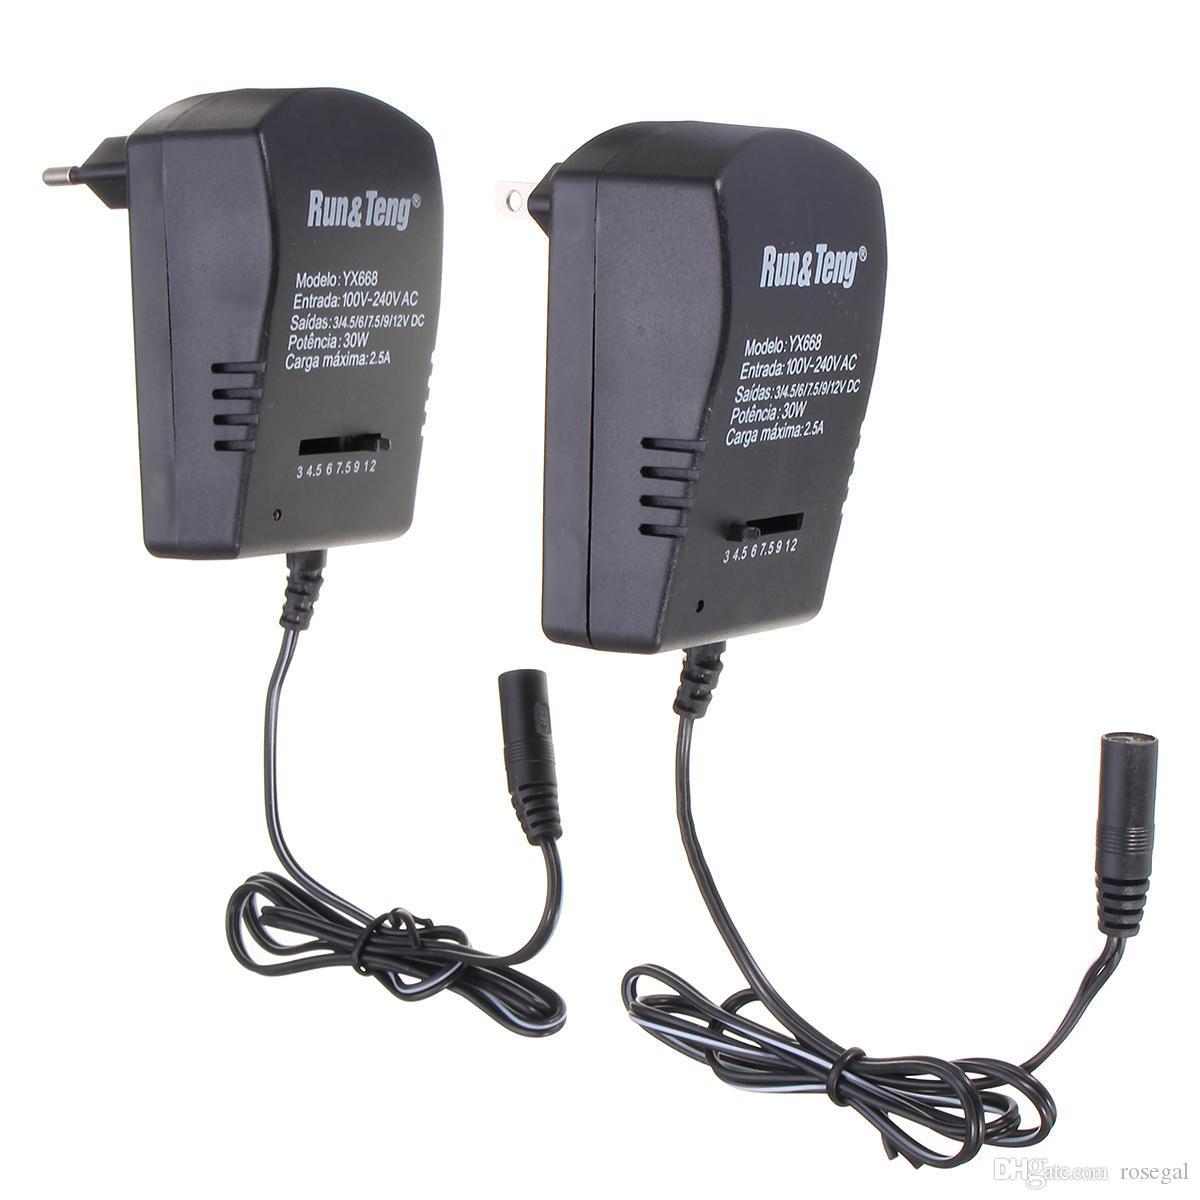 멀티 전압 전원 어댑터 2,500mA 3V에서 4.5V의 6V의 9V 12V DC 전원 공급 장치 - 미국 플러그